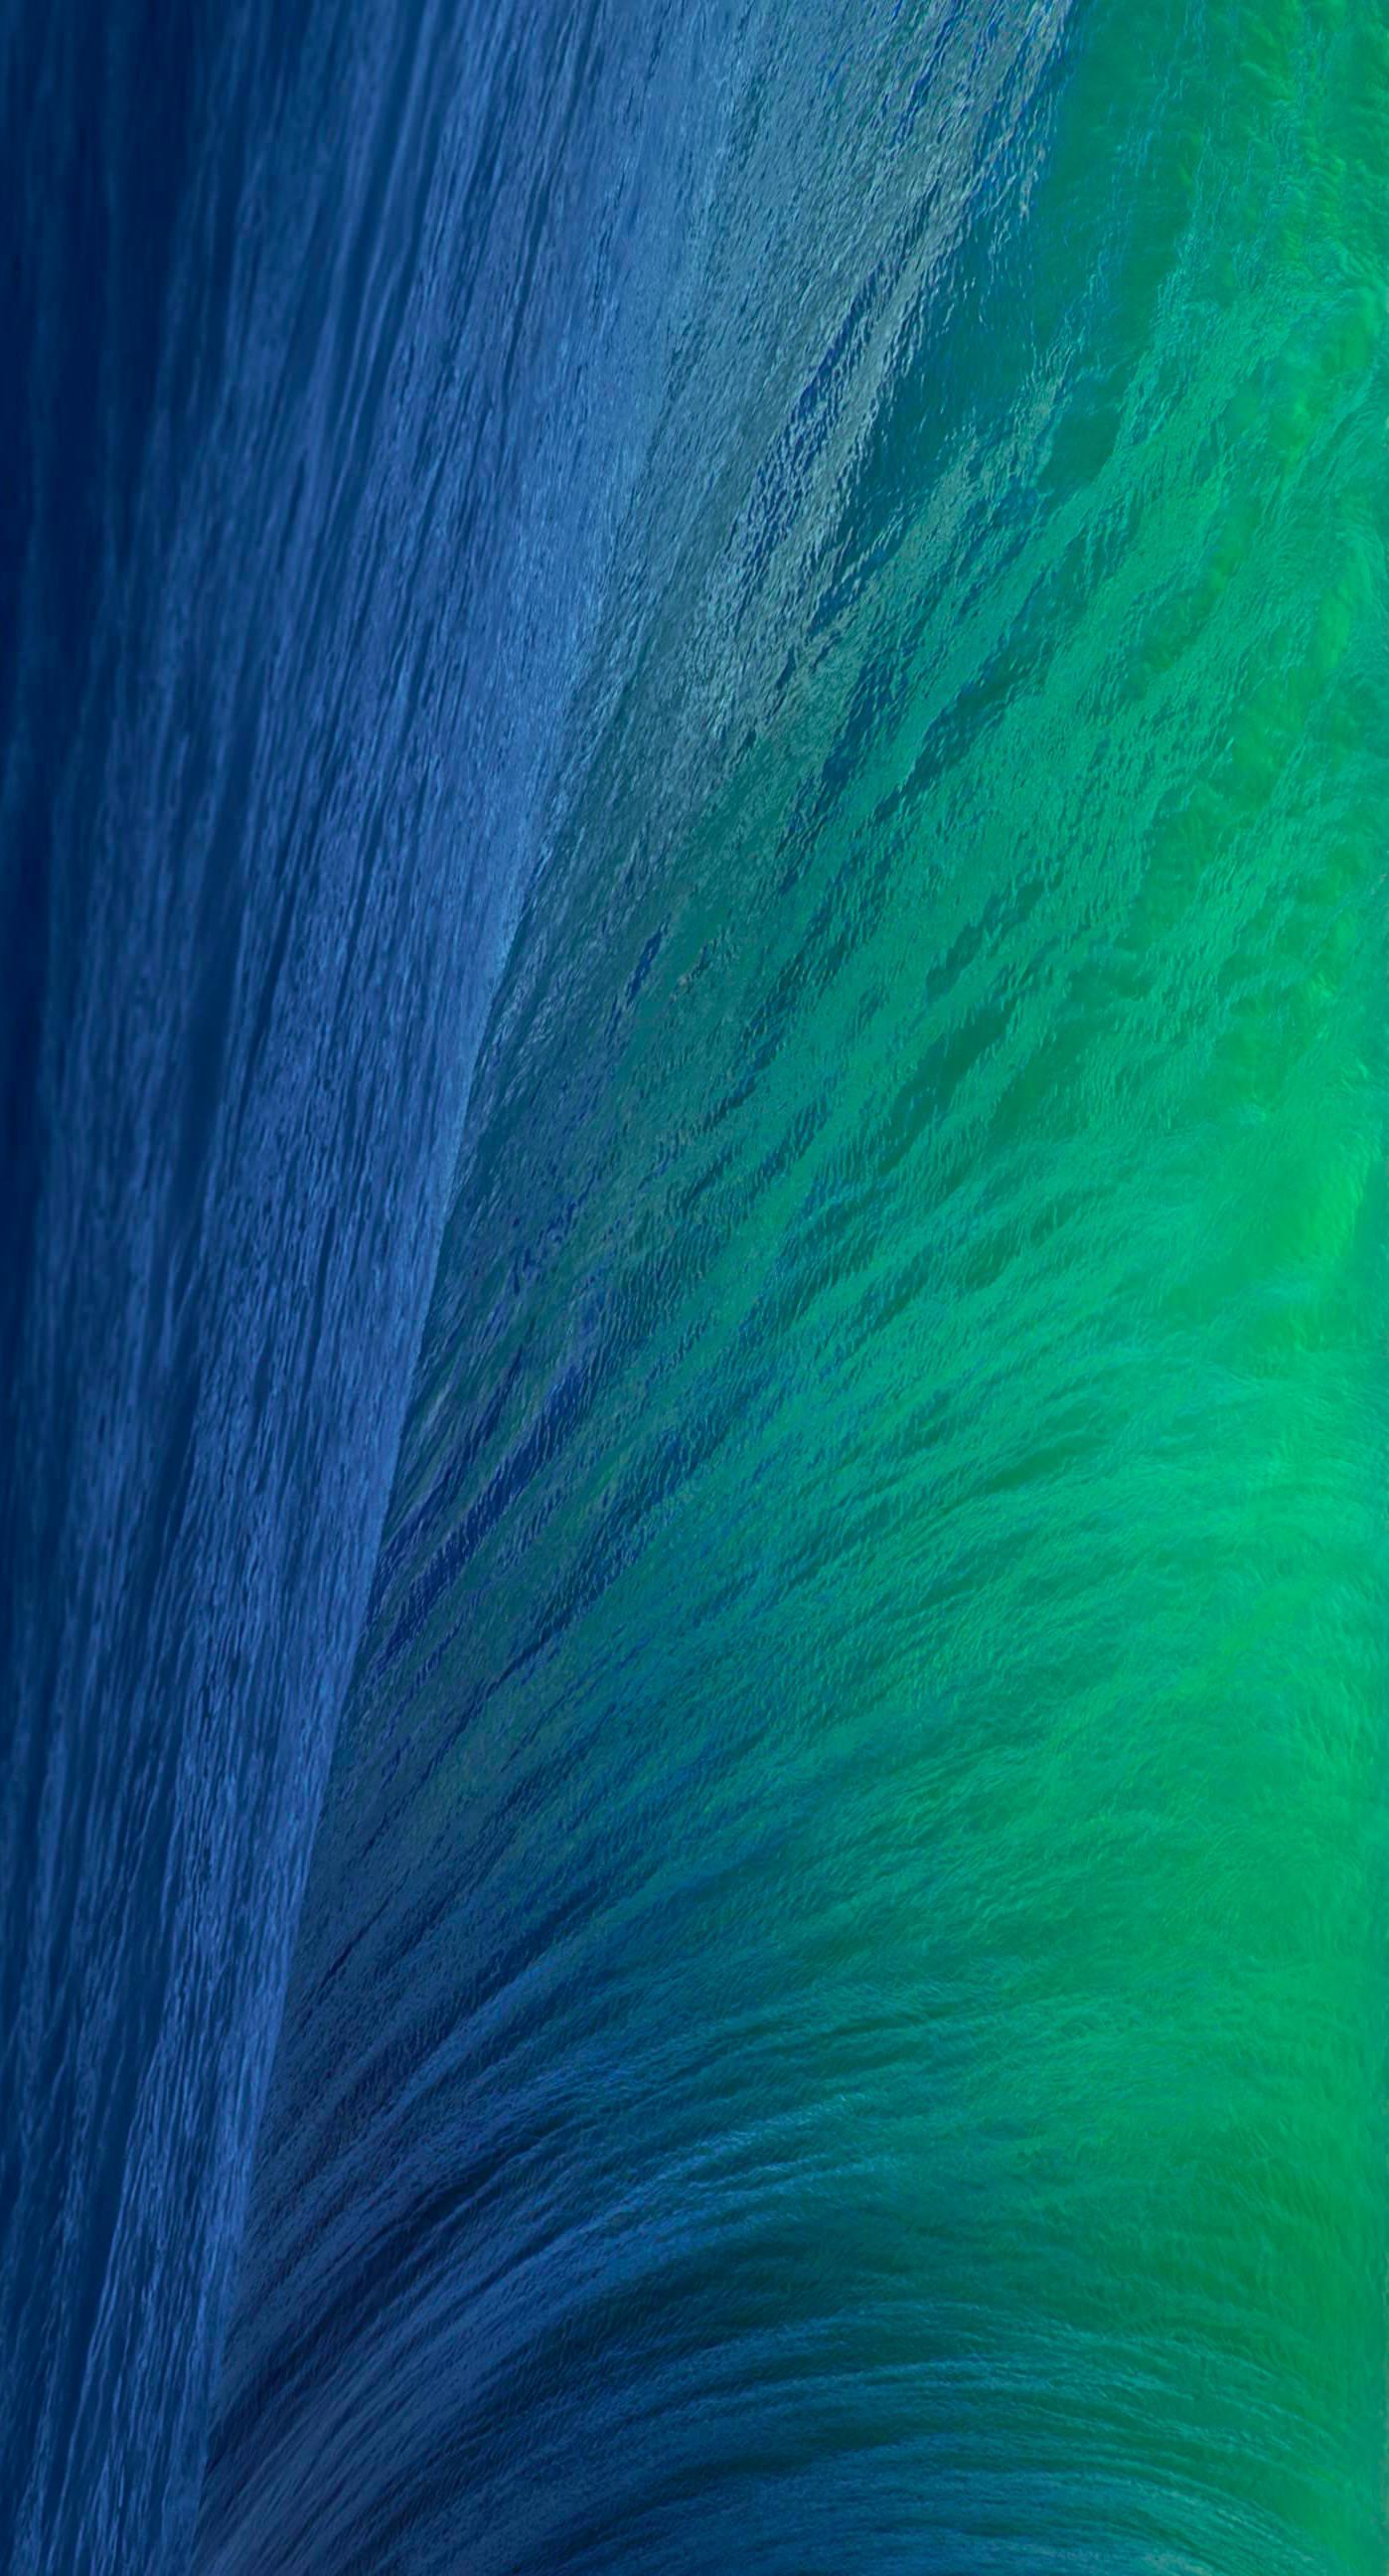 Landscape Wave Mavericks Cool Wallpaper Sc Iphone7plus